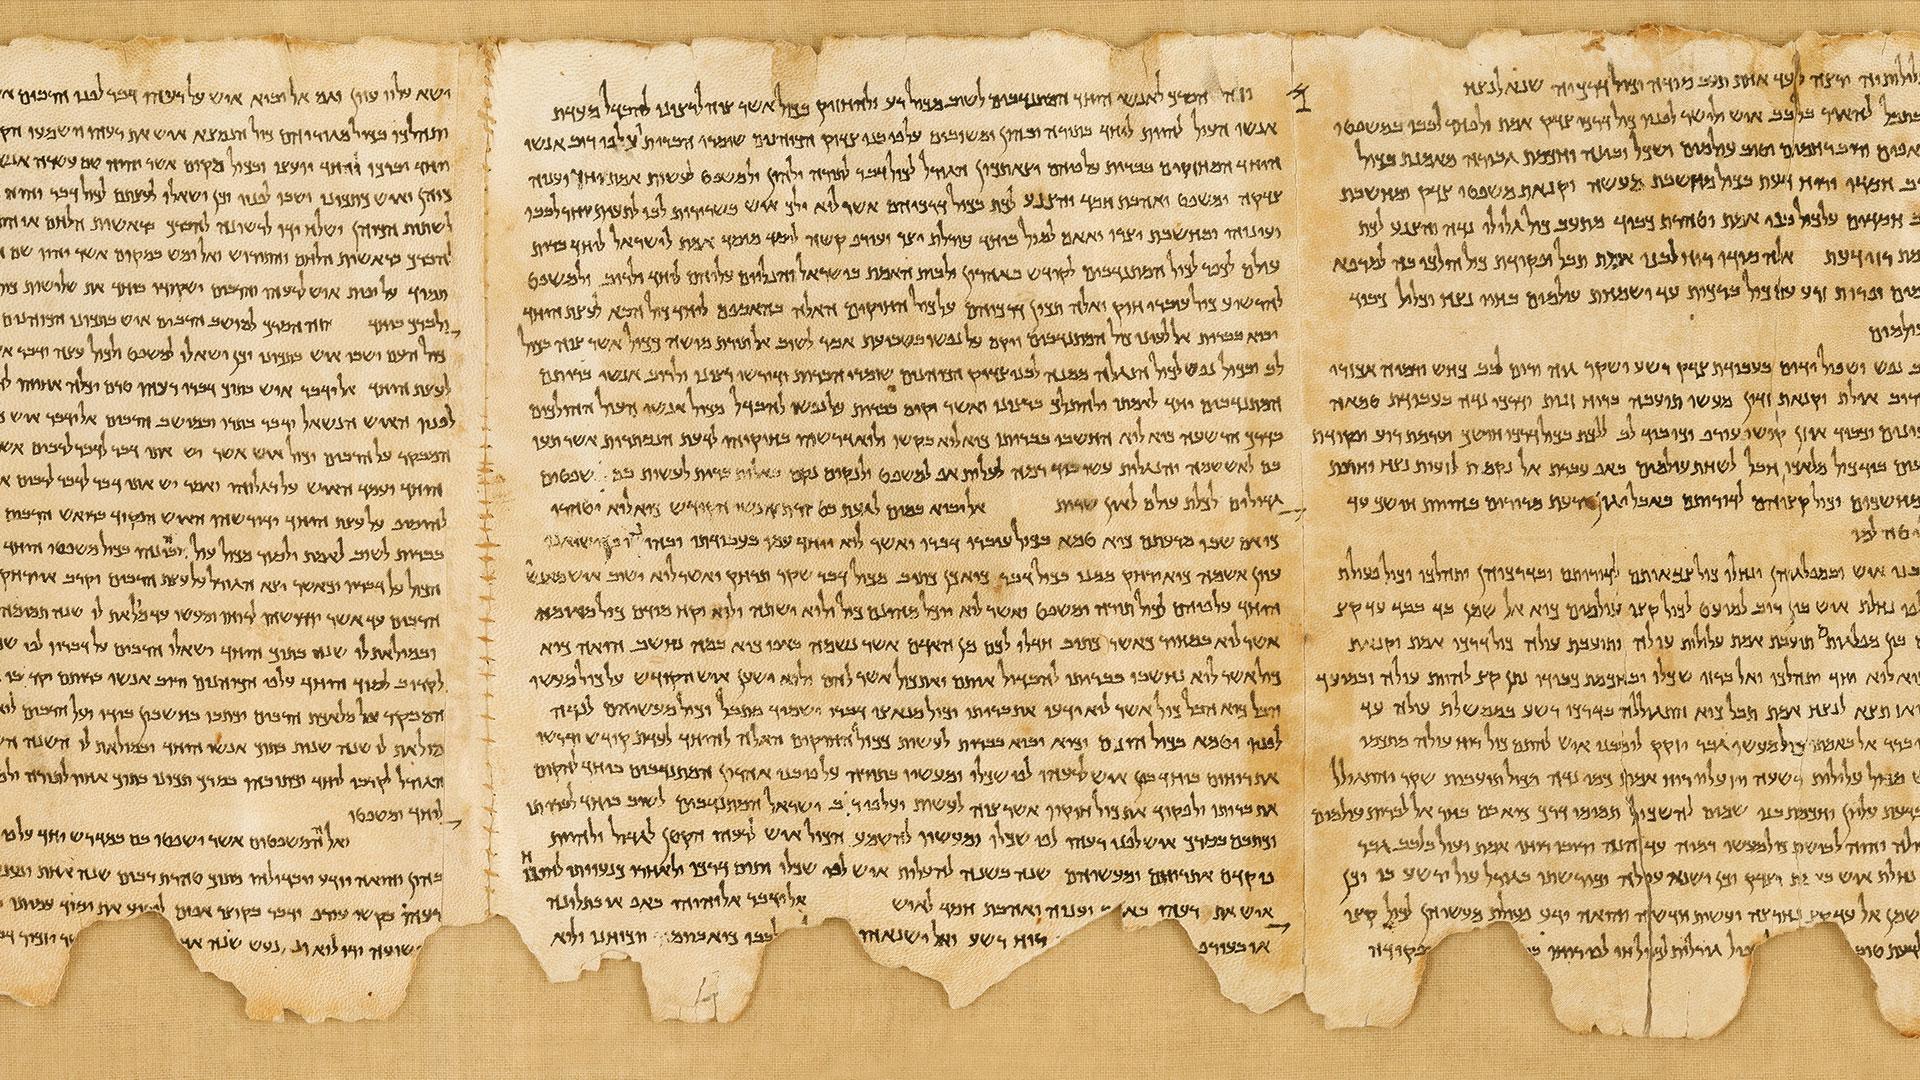 The Dead Sea Scrolls image source: https://www.imj.org.il/en/wings/shrine-book/dead-sea-scrolls